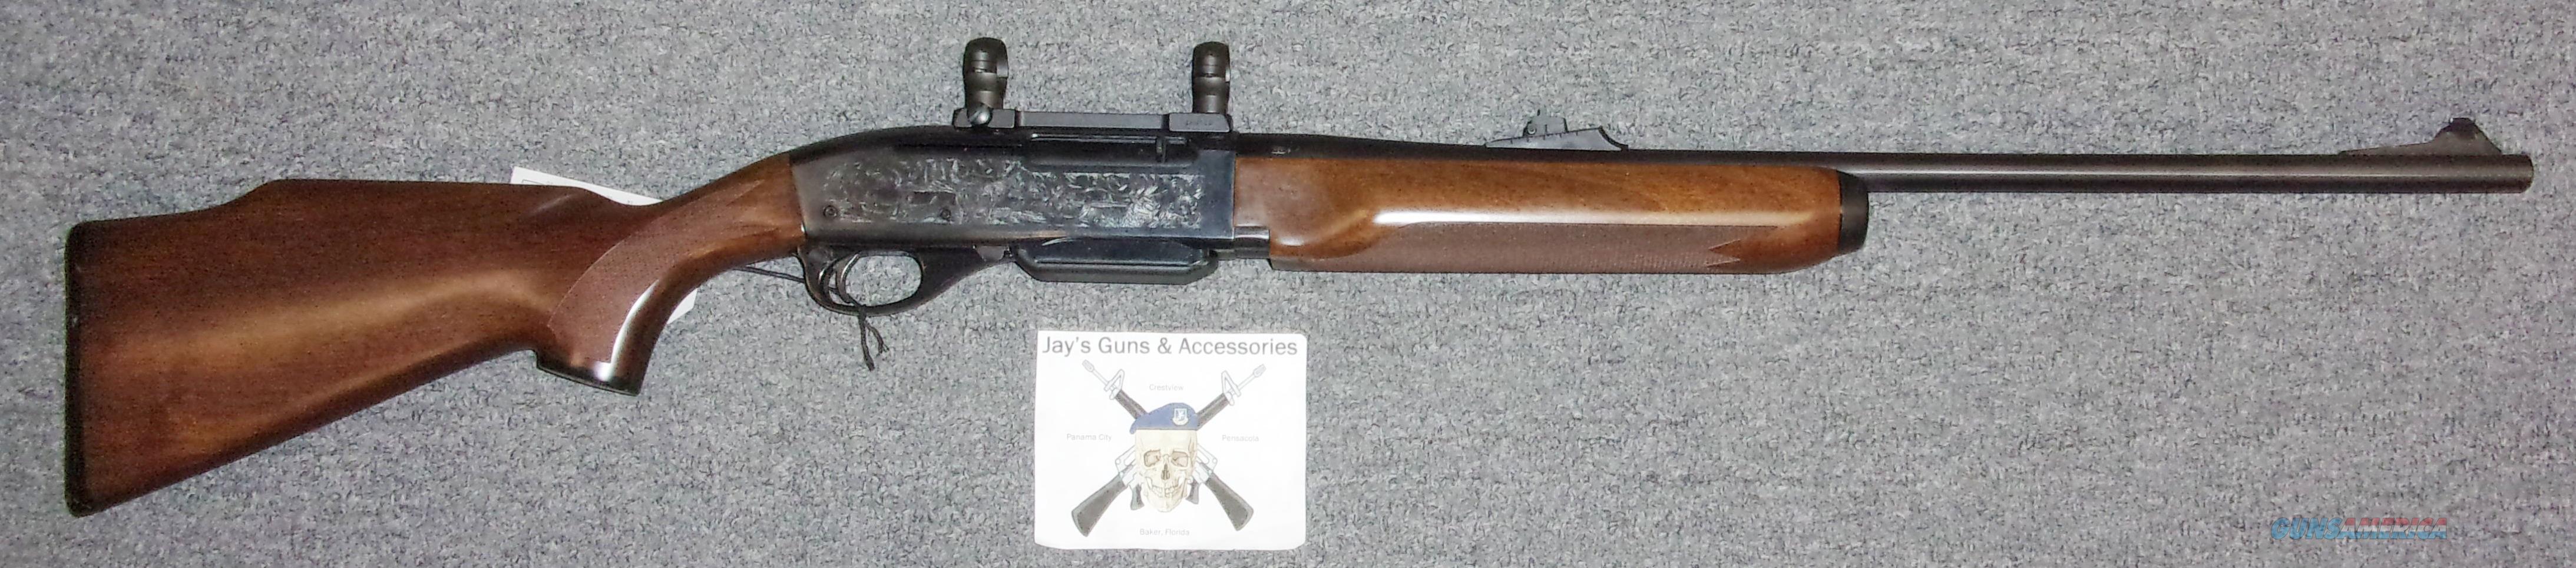 Remington 7400  Guns > Rifles > Remington Rifles - Modern > Other